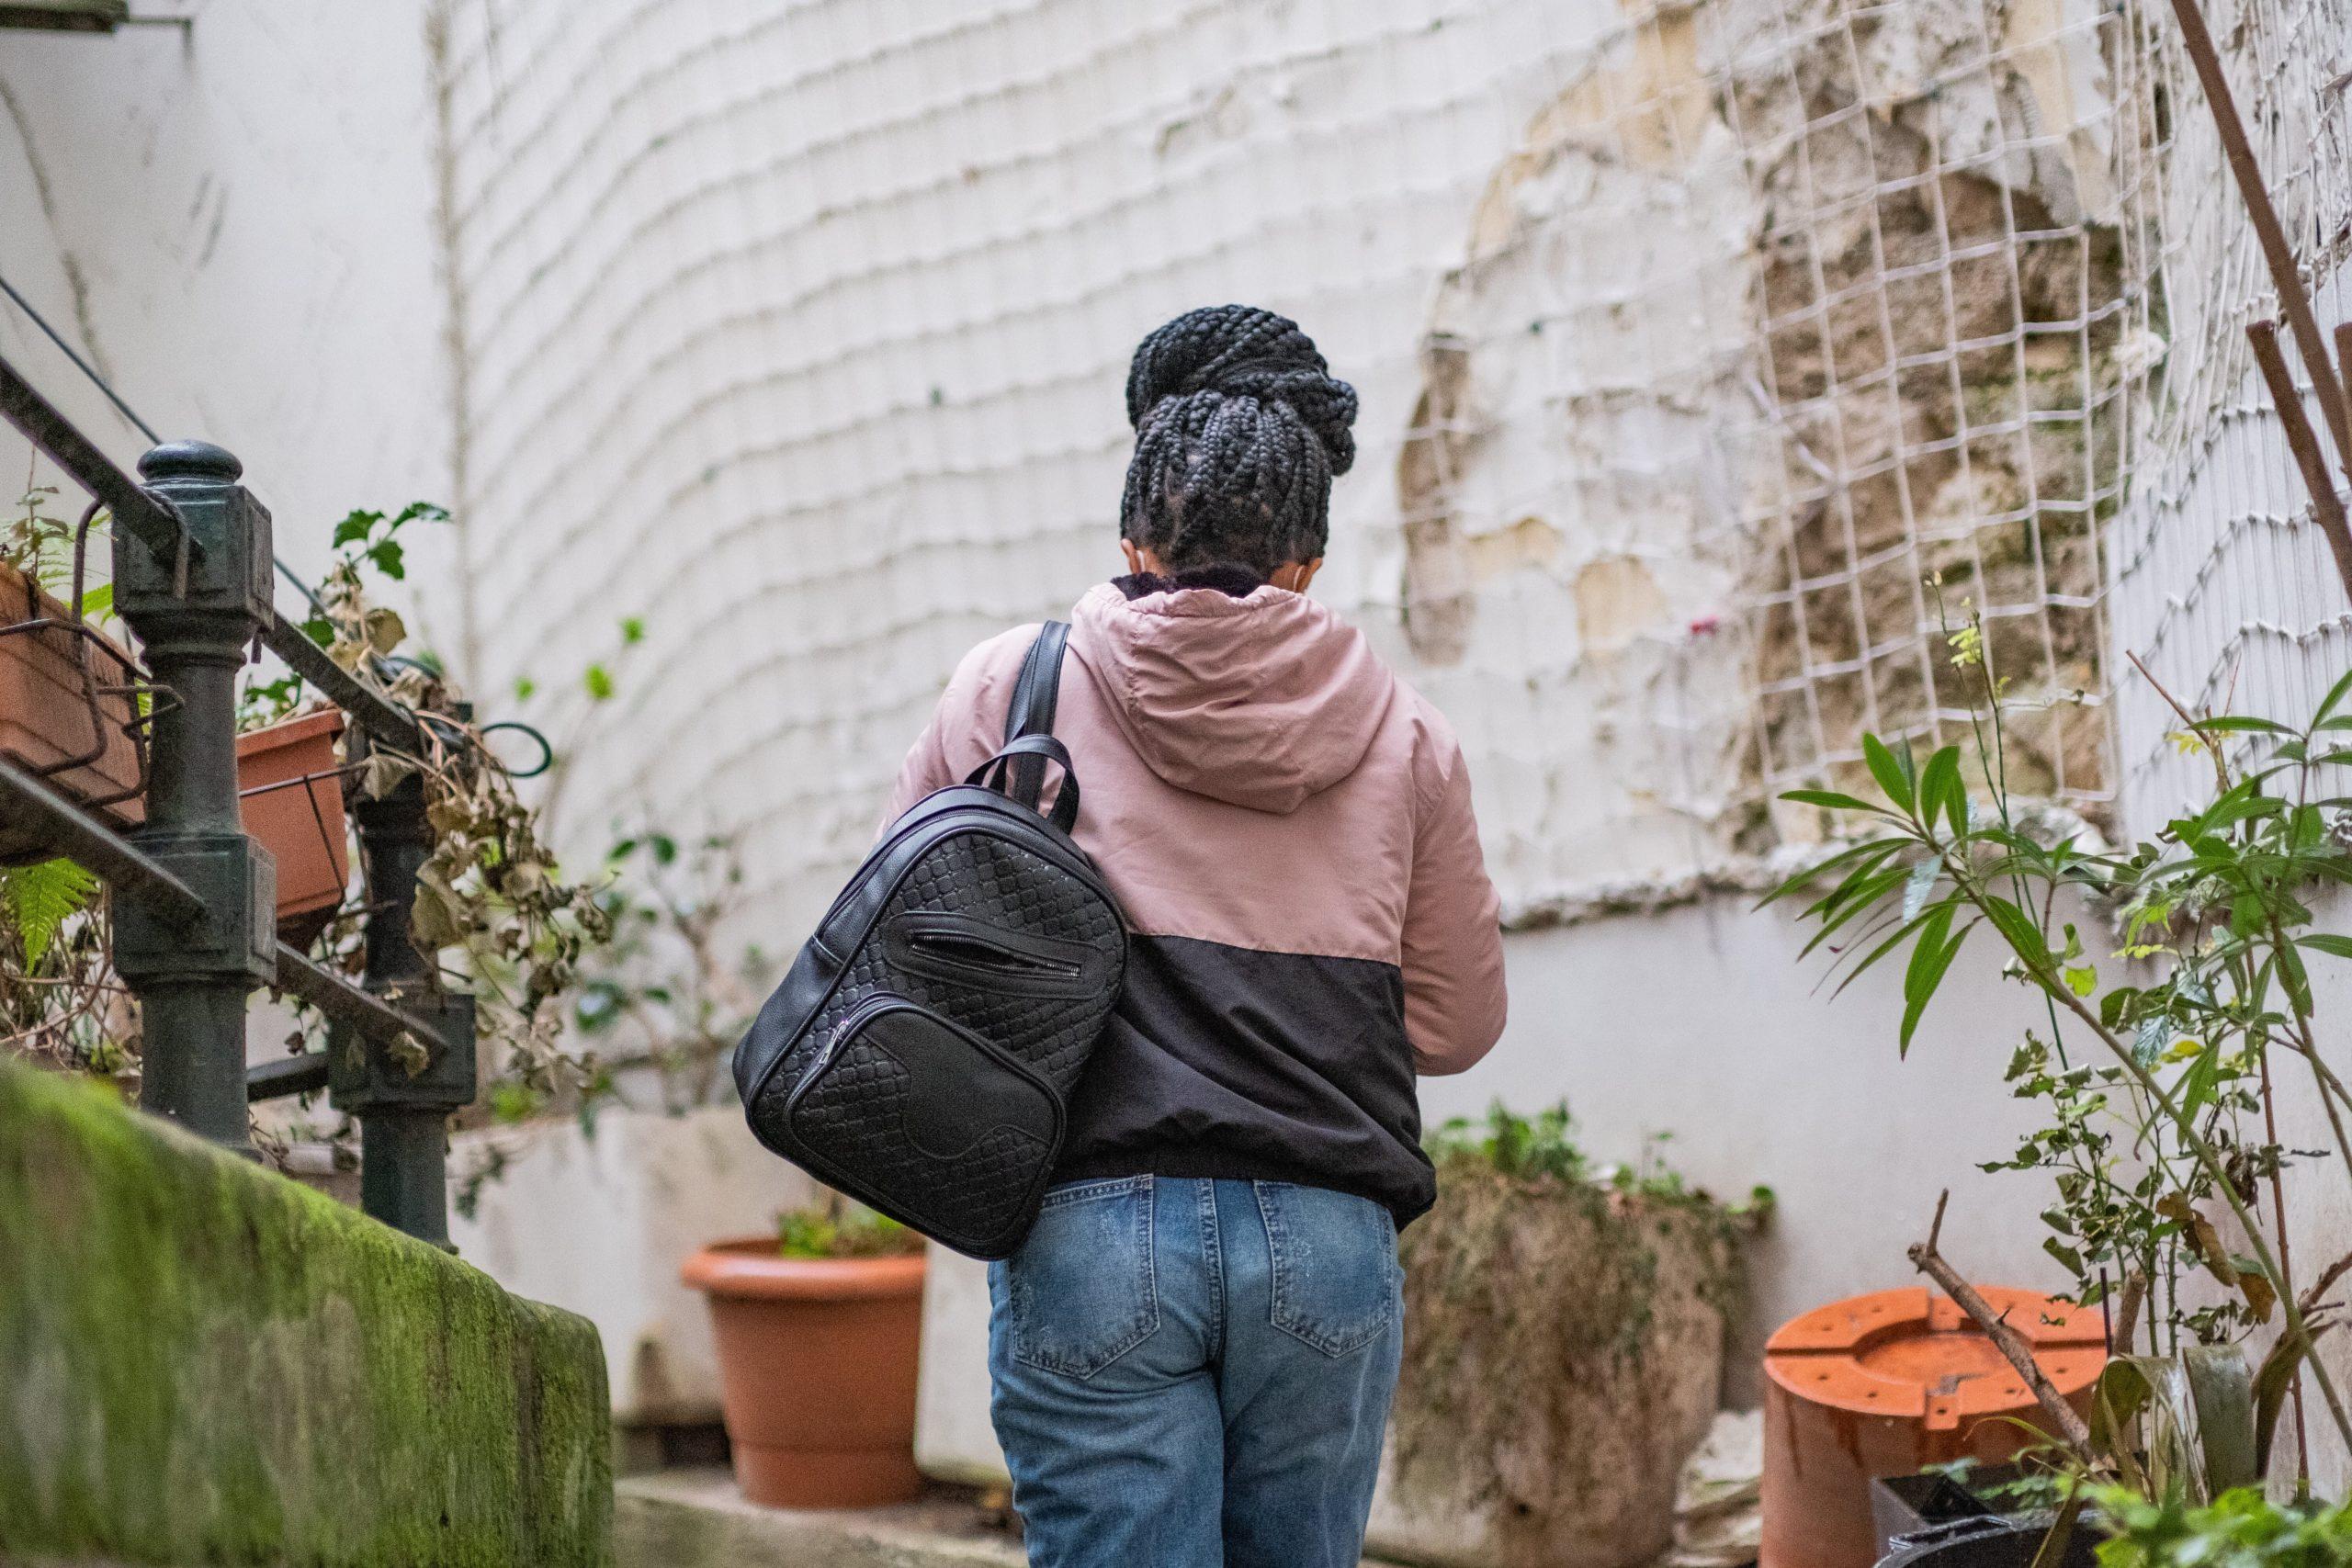 Traite etres humains Paris - Aux captifs, la libération